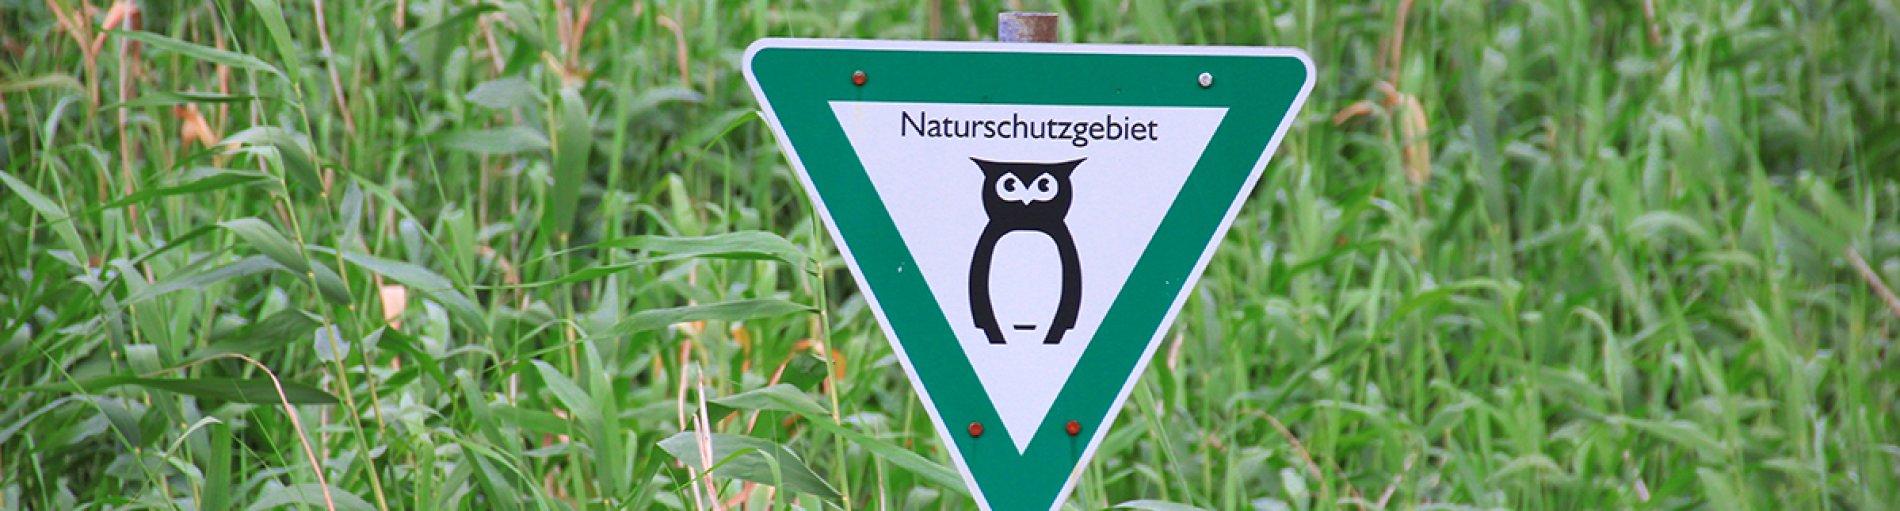 Hinweisschild weist Naturschutzgebiet aus.